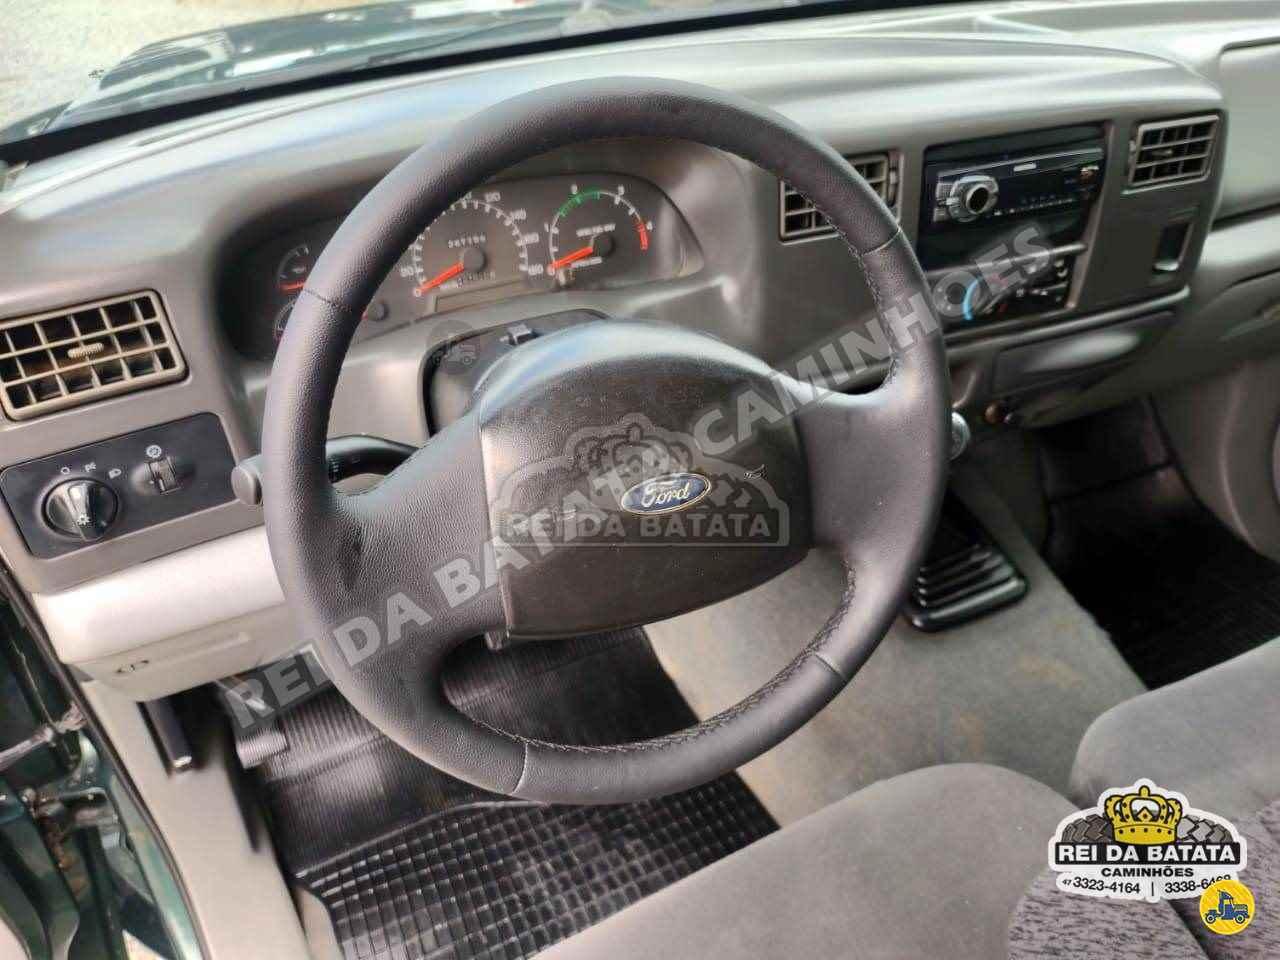 FORD F250 XLT 347000km 2003/2003 Rei da Batata Caminhões